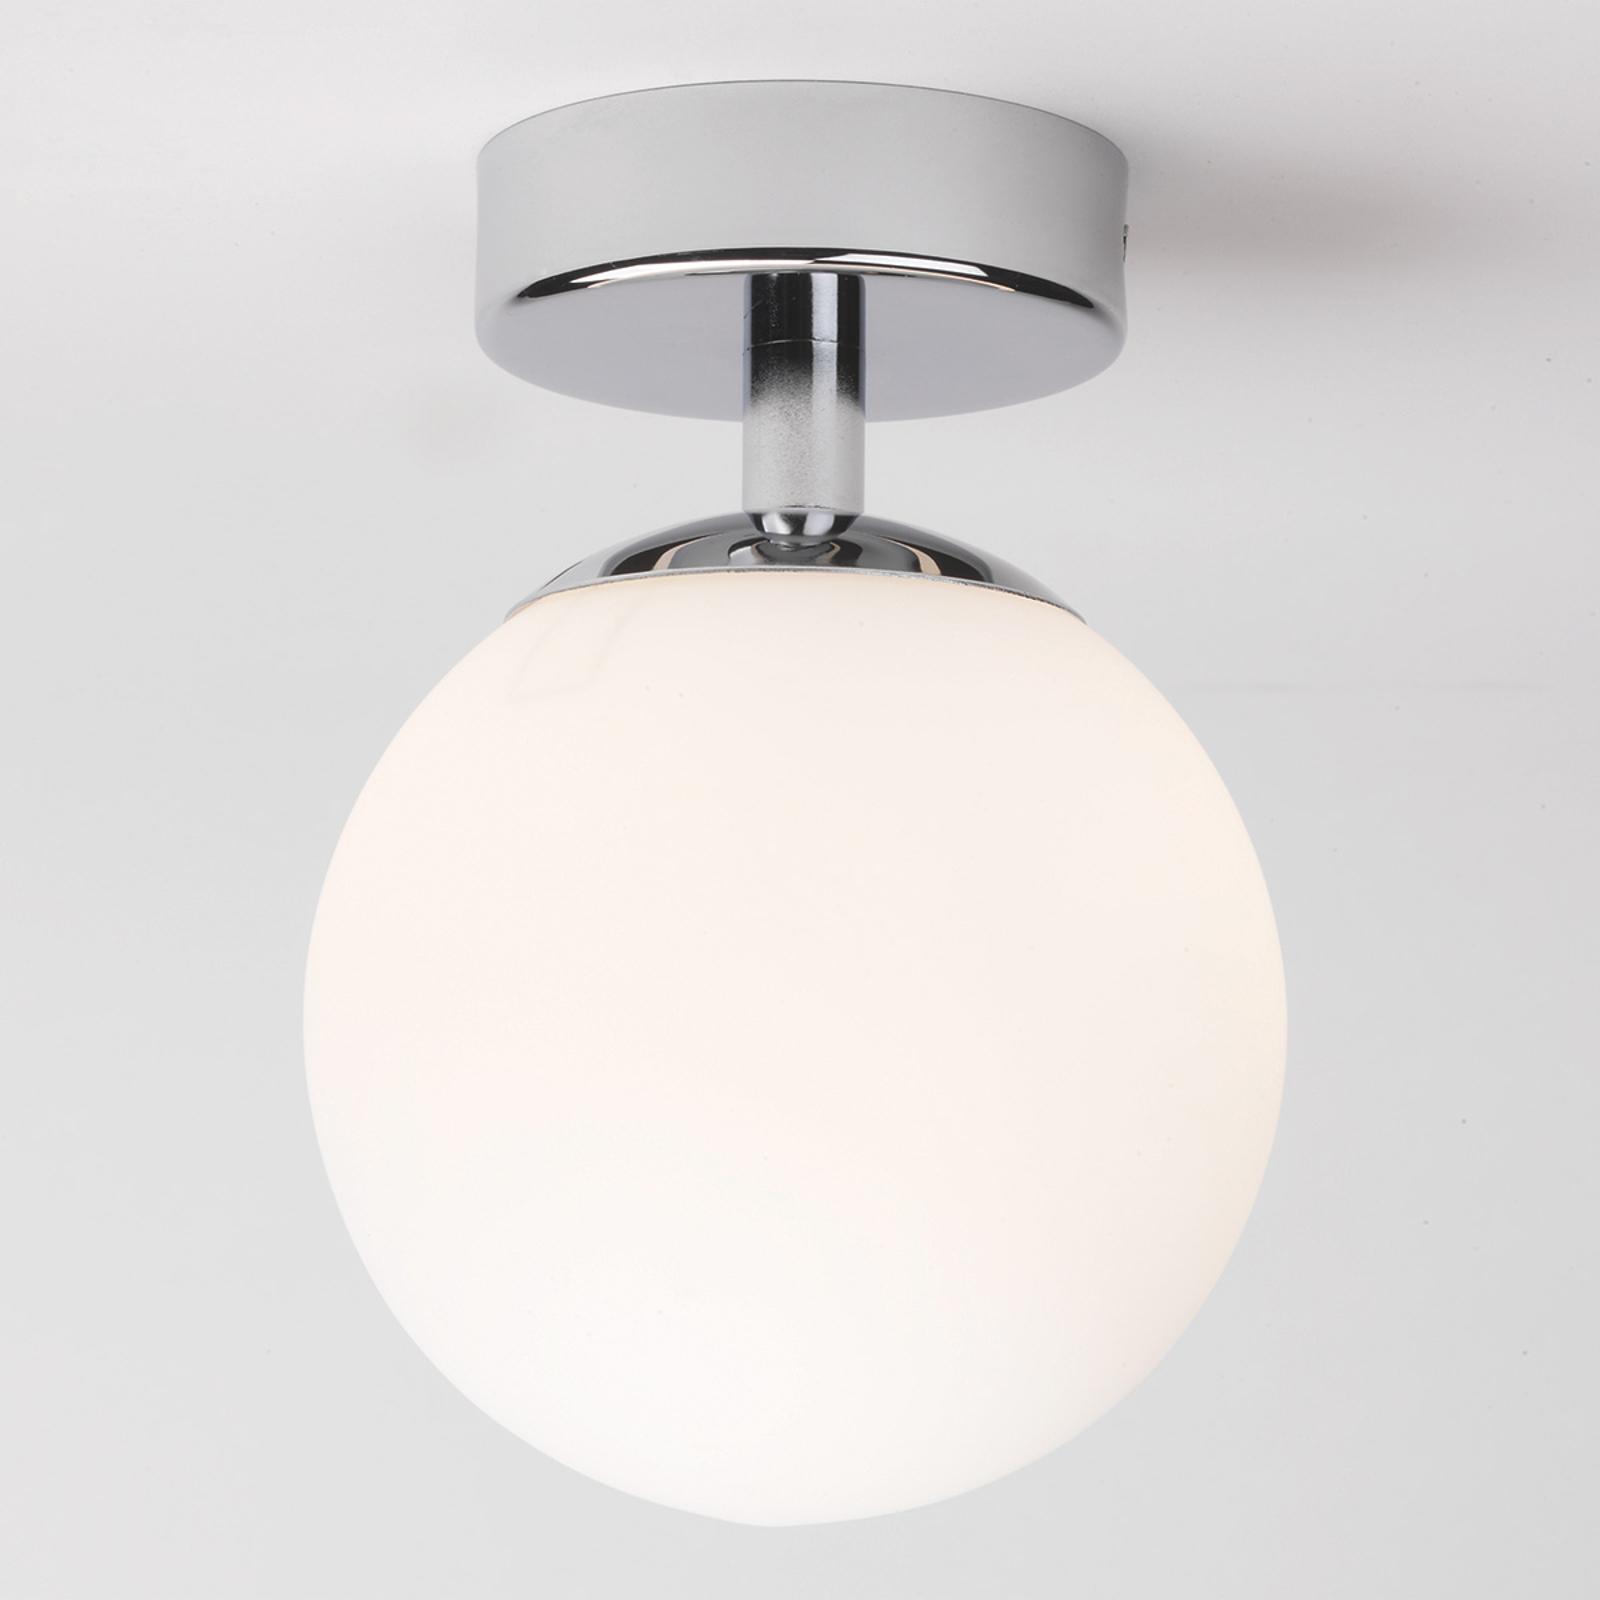 Dekoracyjna lampa sufitowa w kształcie kuli Denver